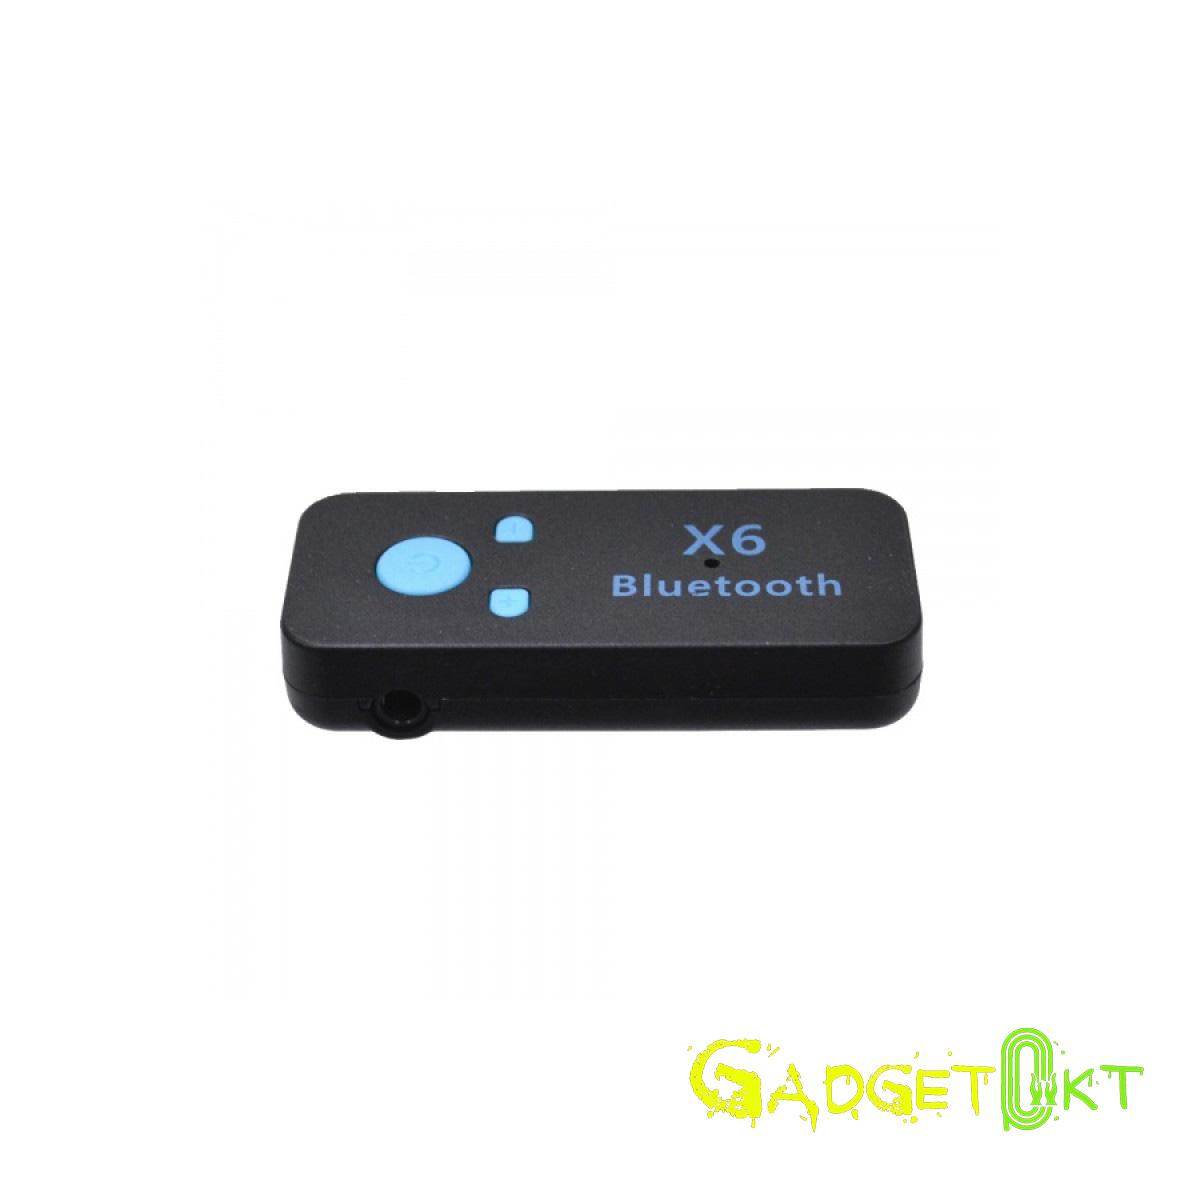 Разветлители и Bluetooth-адаптеры